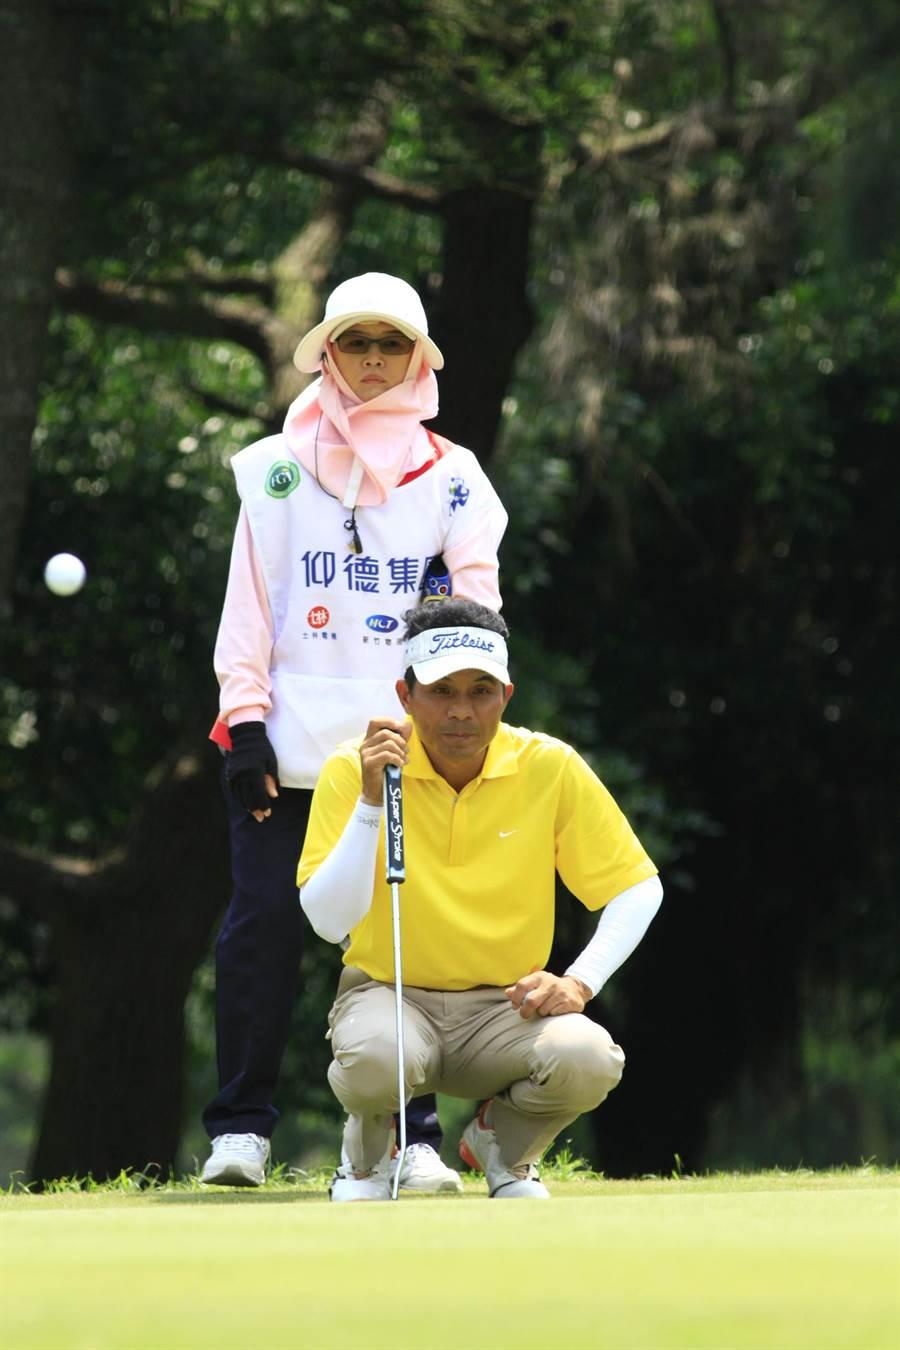 將近40歲才考上高球職業選手的翁永田,從商人變成高球場上高手。(圖:仰德集團提供)